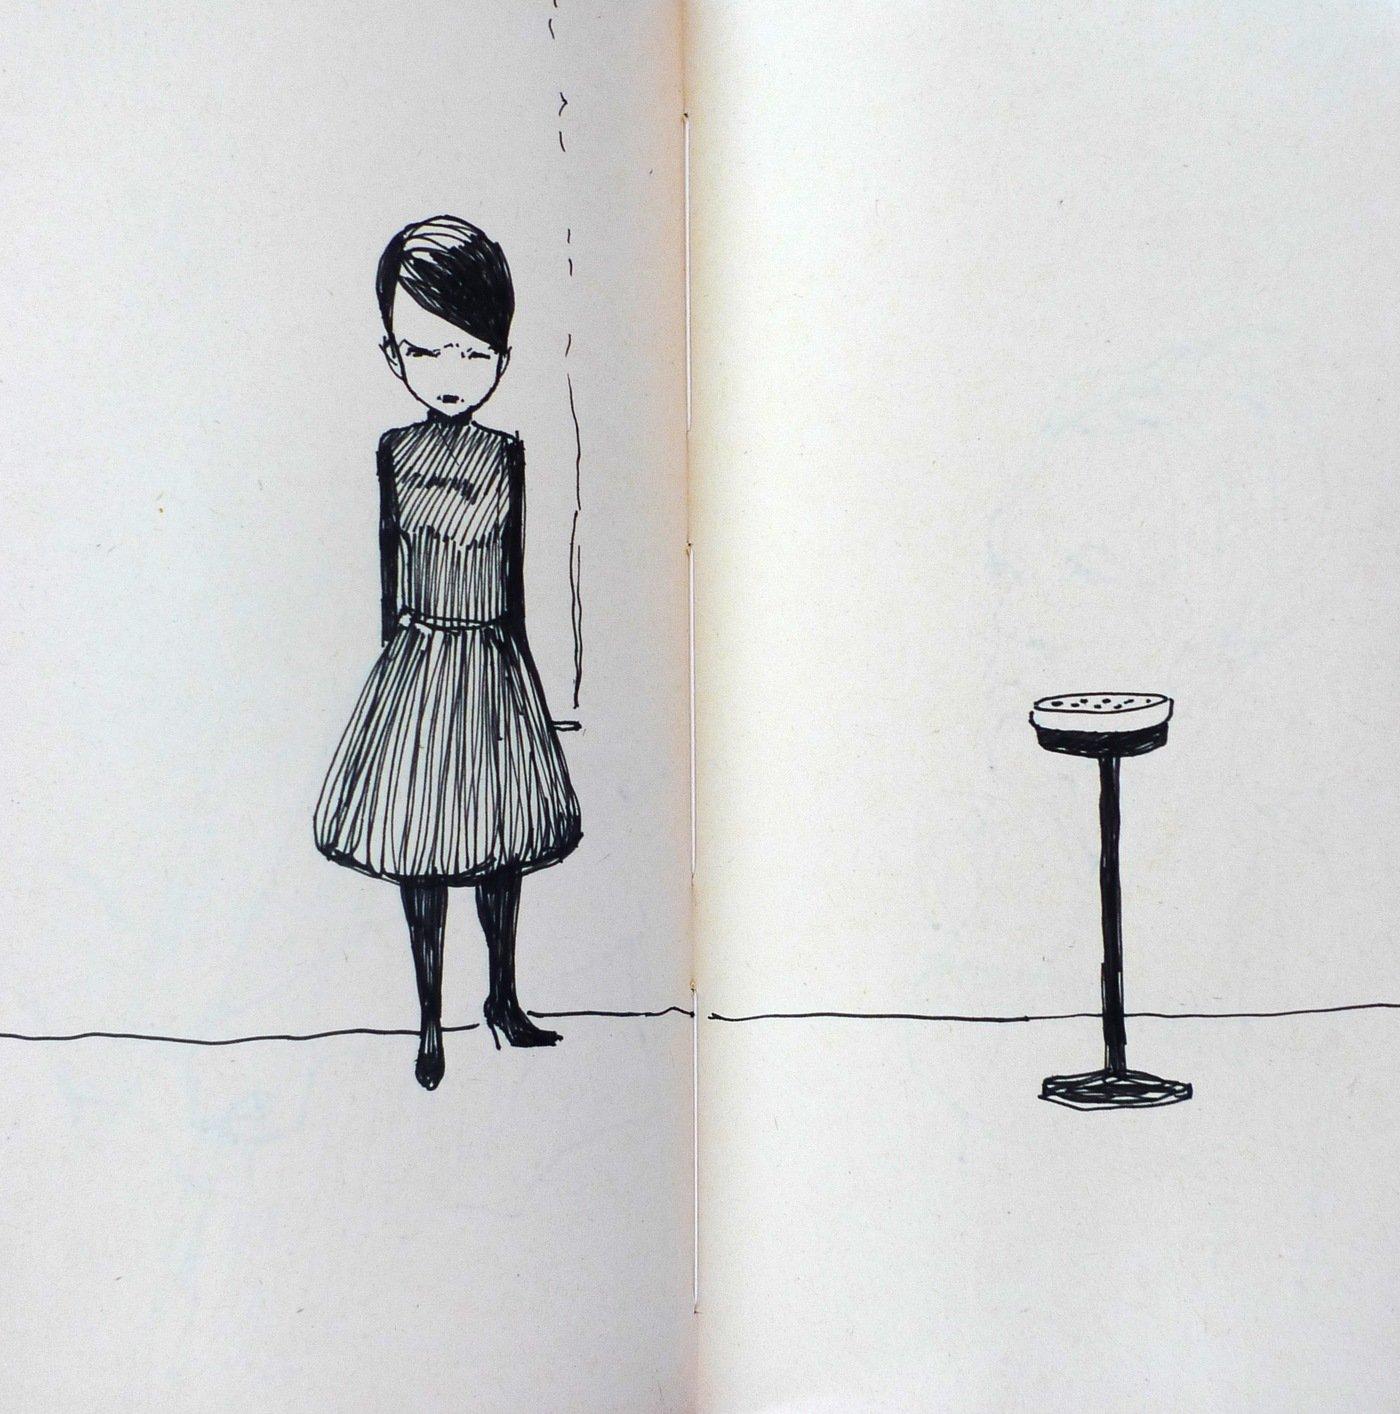 Sketchbook A Kresby By Ivana Satekova At Coroflot Com